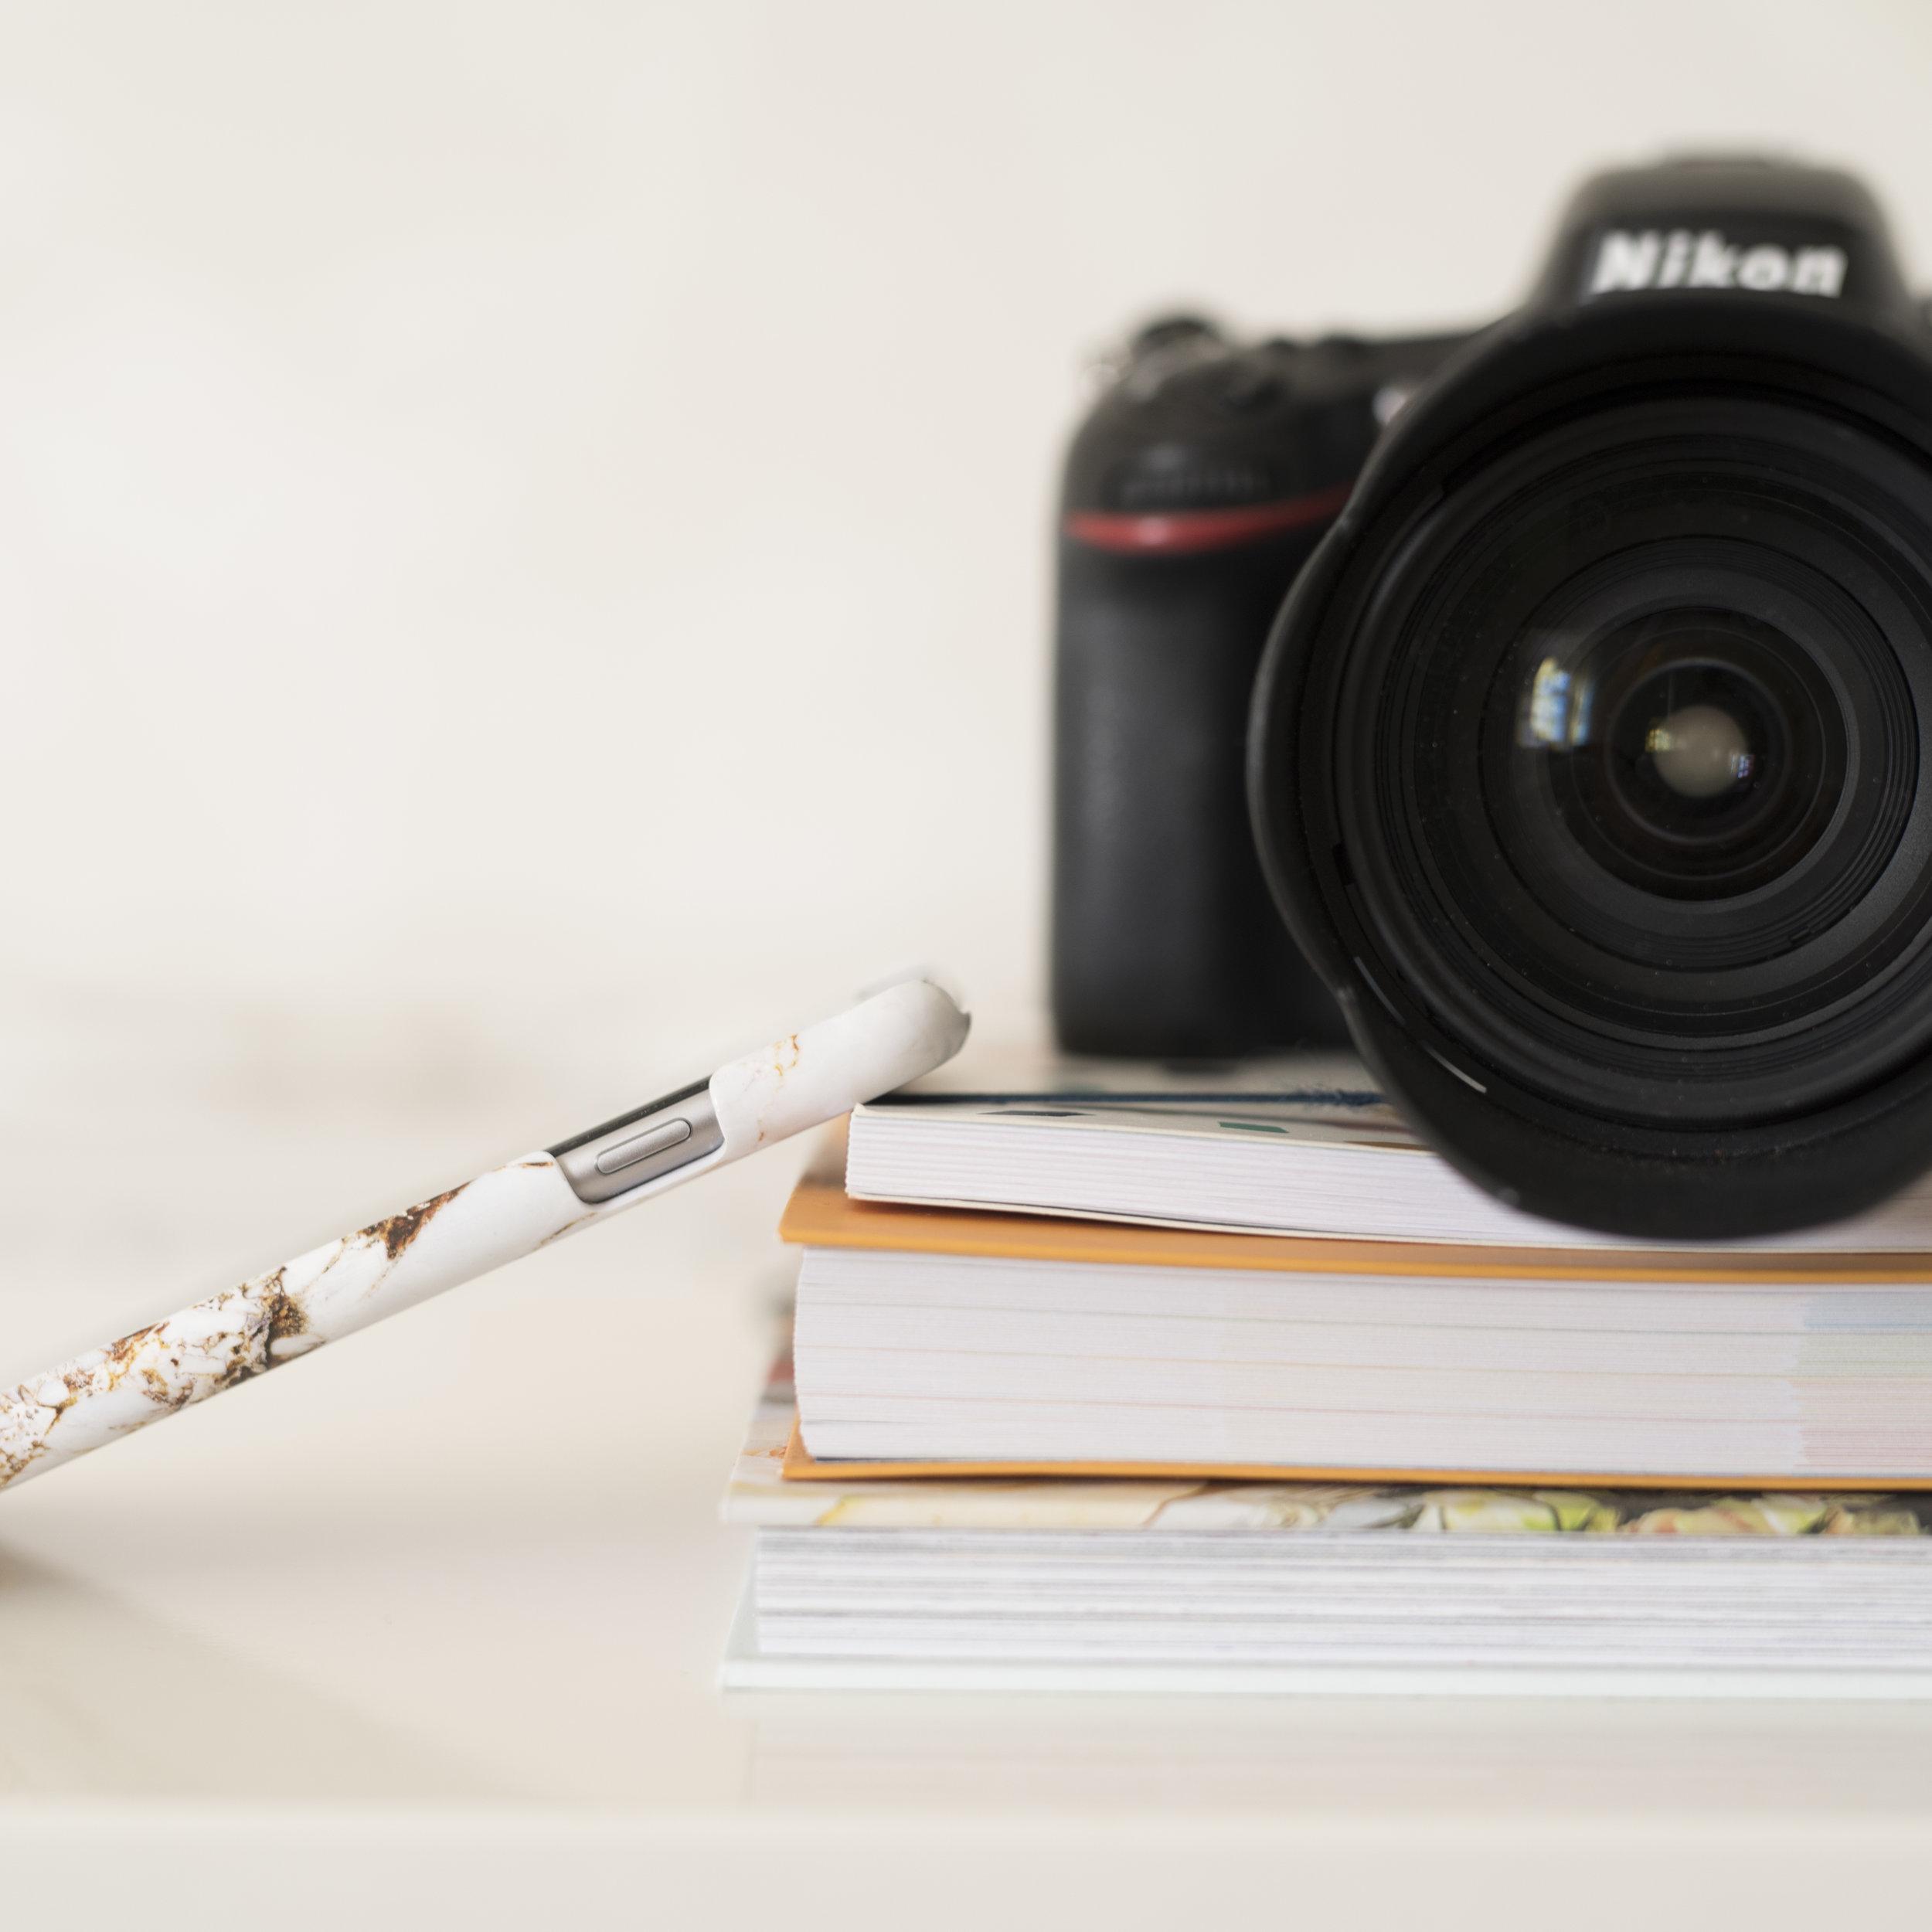 för fotografer1 kvadrat kopiera.jpg